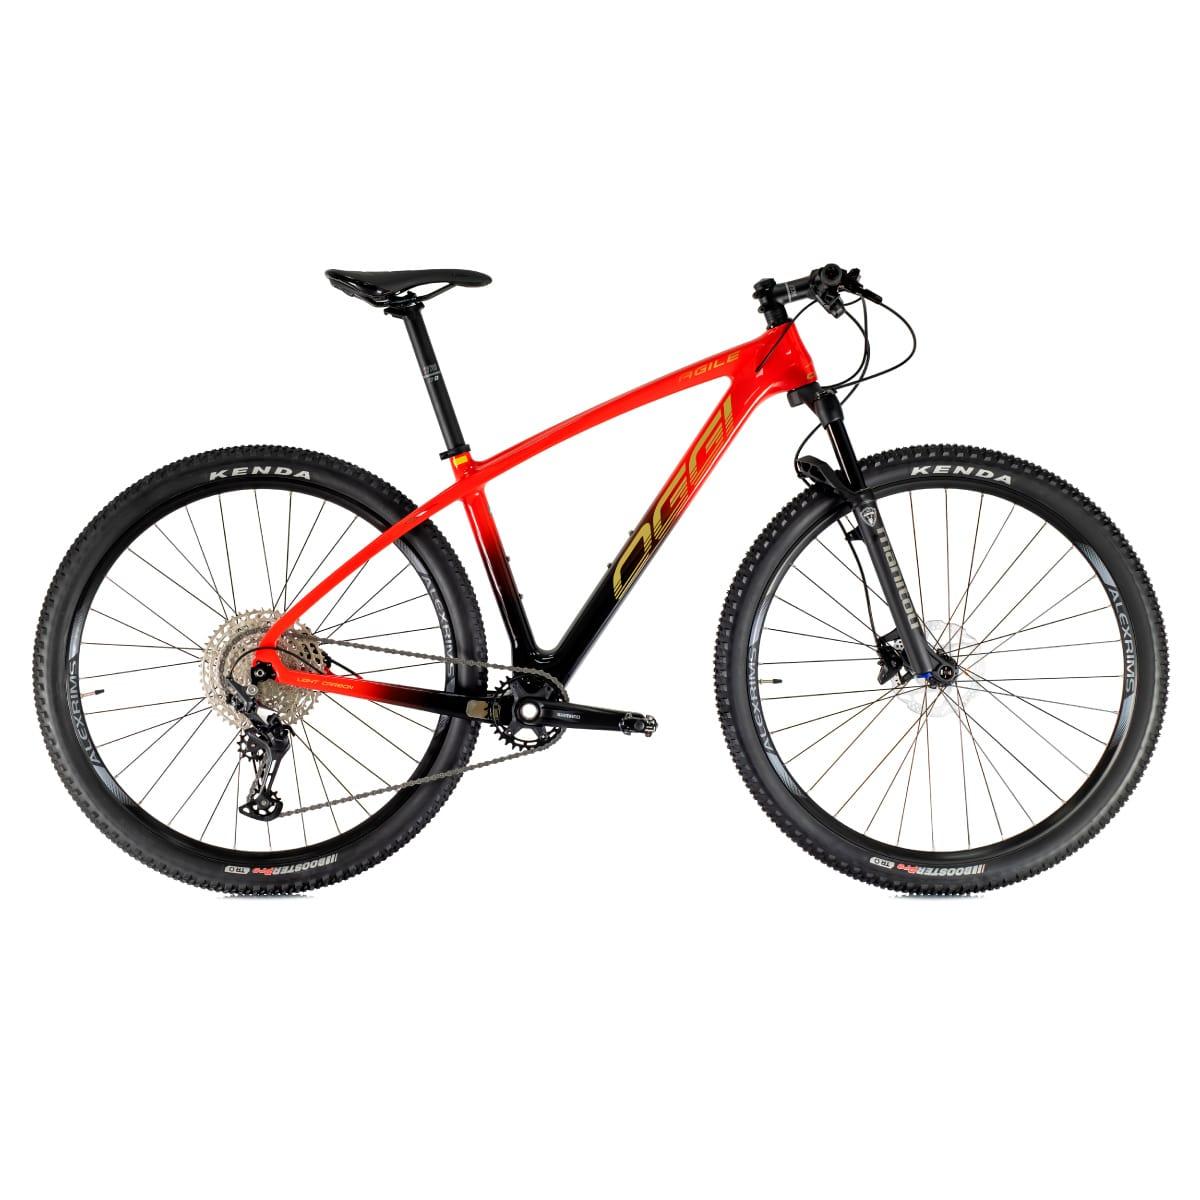 Bike Oggi Agile Sport Carbono 2021 Deore Original Vermelho e Preto